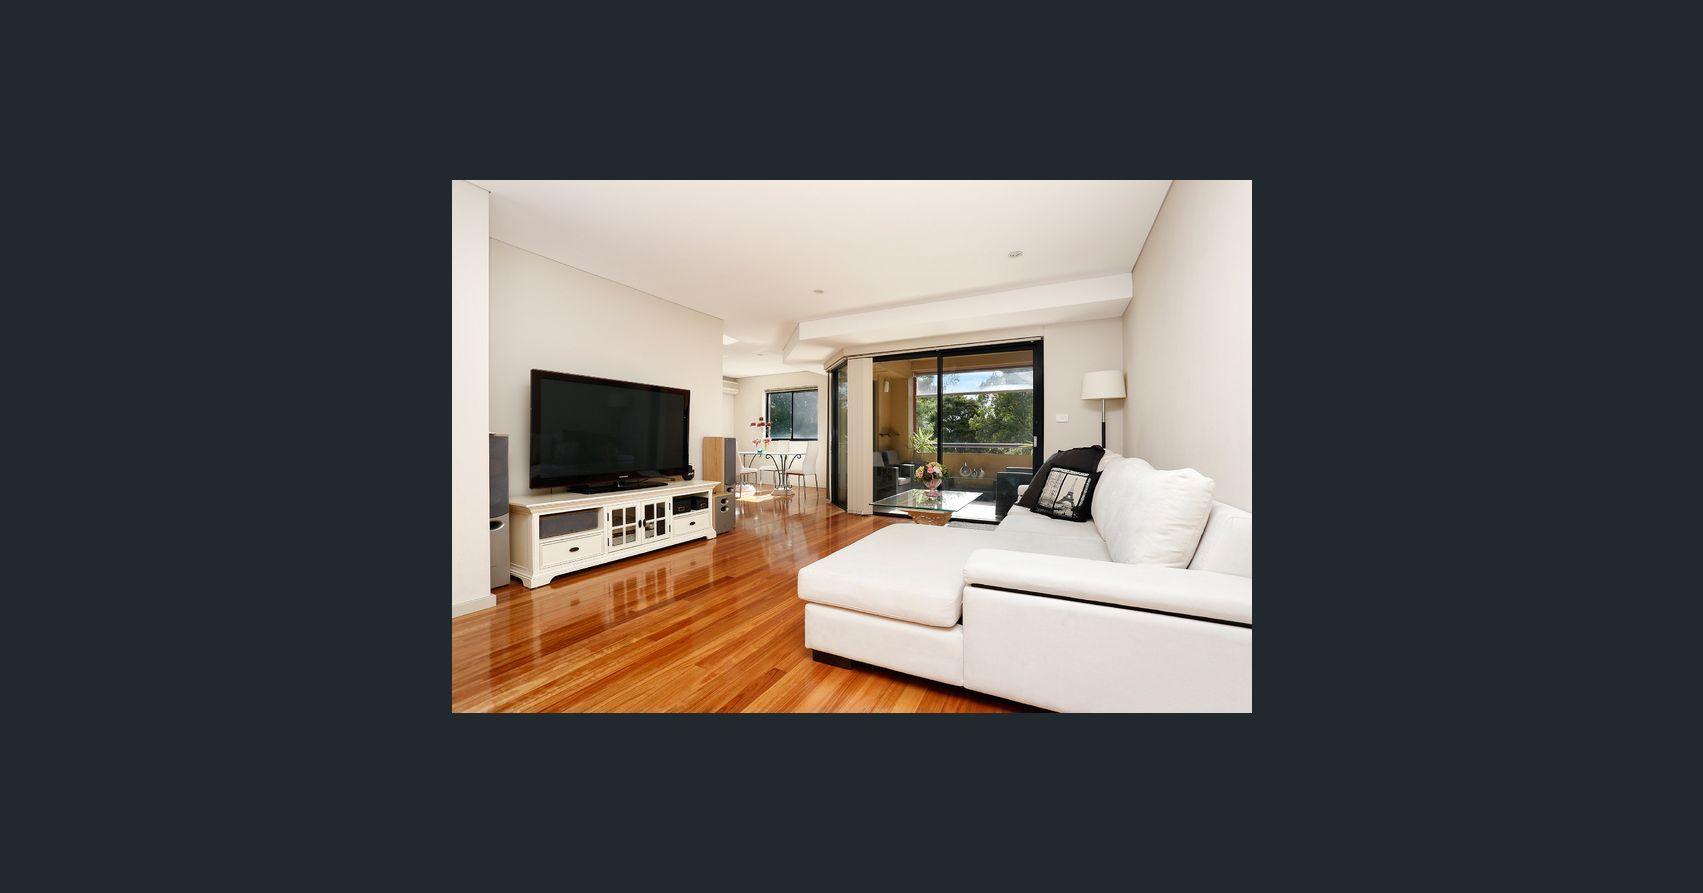 Level 2/4/25 Blaxland Road, Rhodes NSW 2138